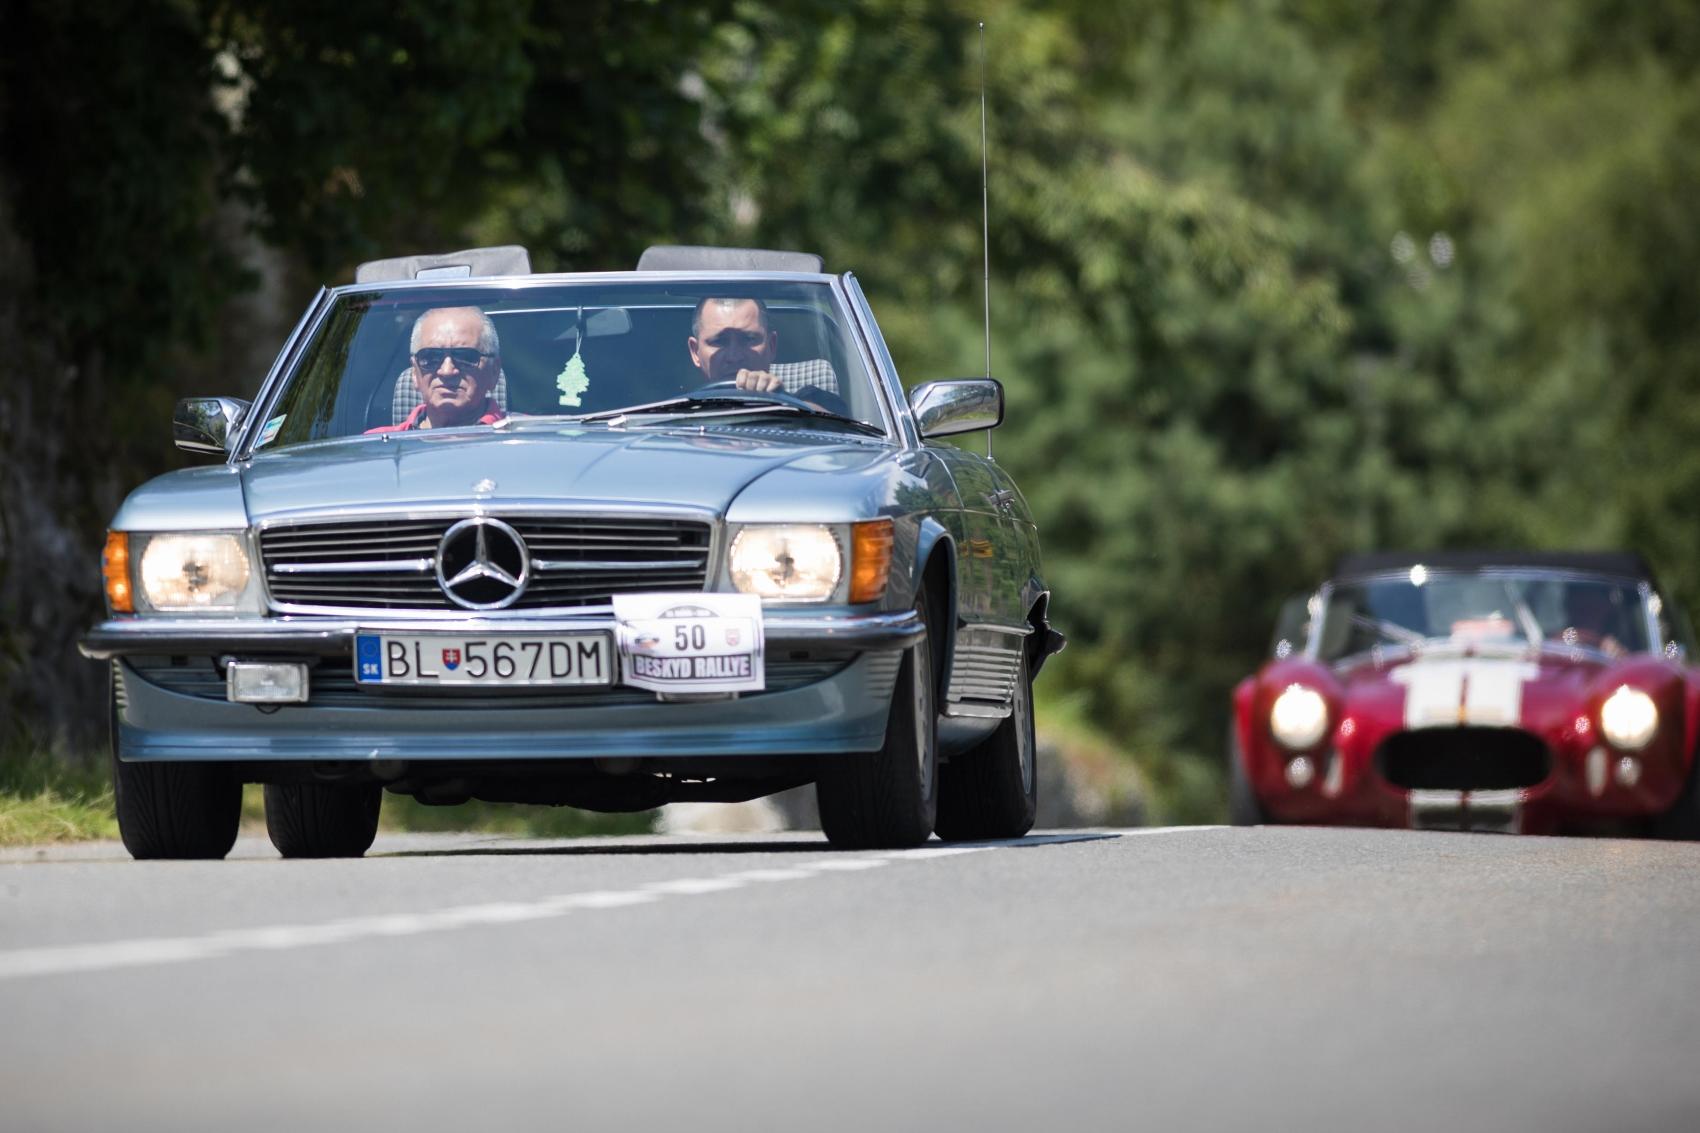 Pozrite si galériu z podujatia Beskyd Rallye – memoriál Ladislava Dlhopolčeka 2020 hFc7S43kwZ turzov